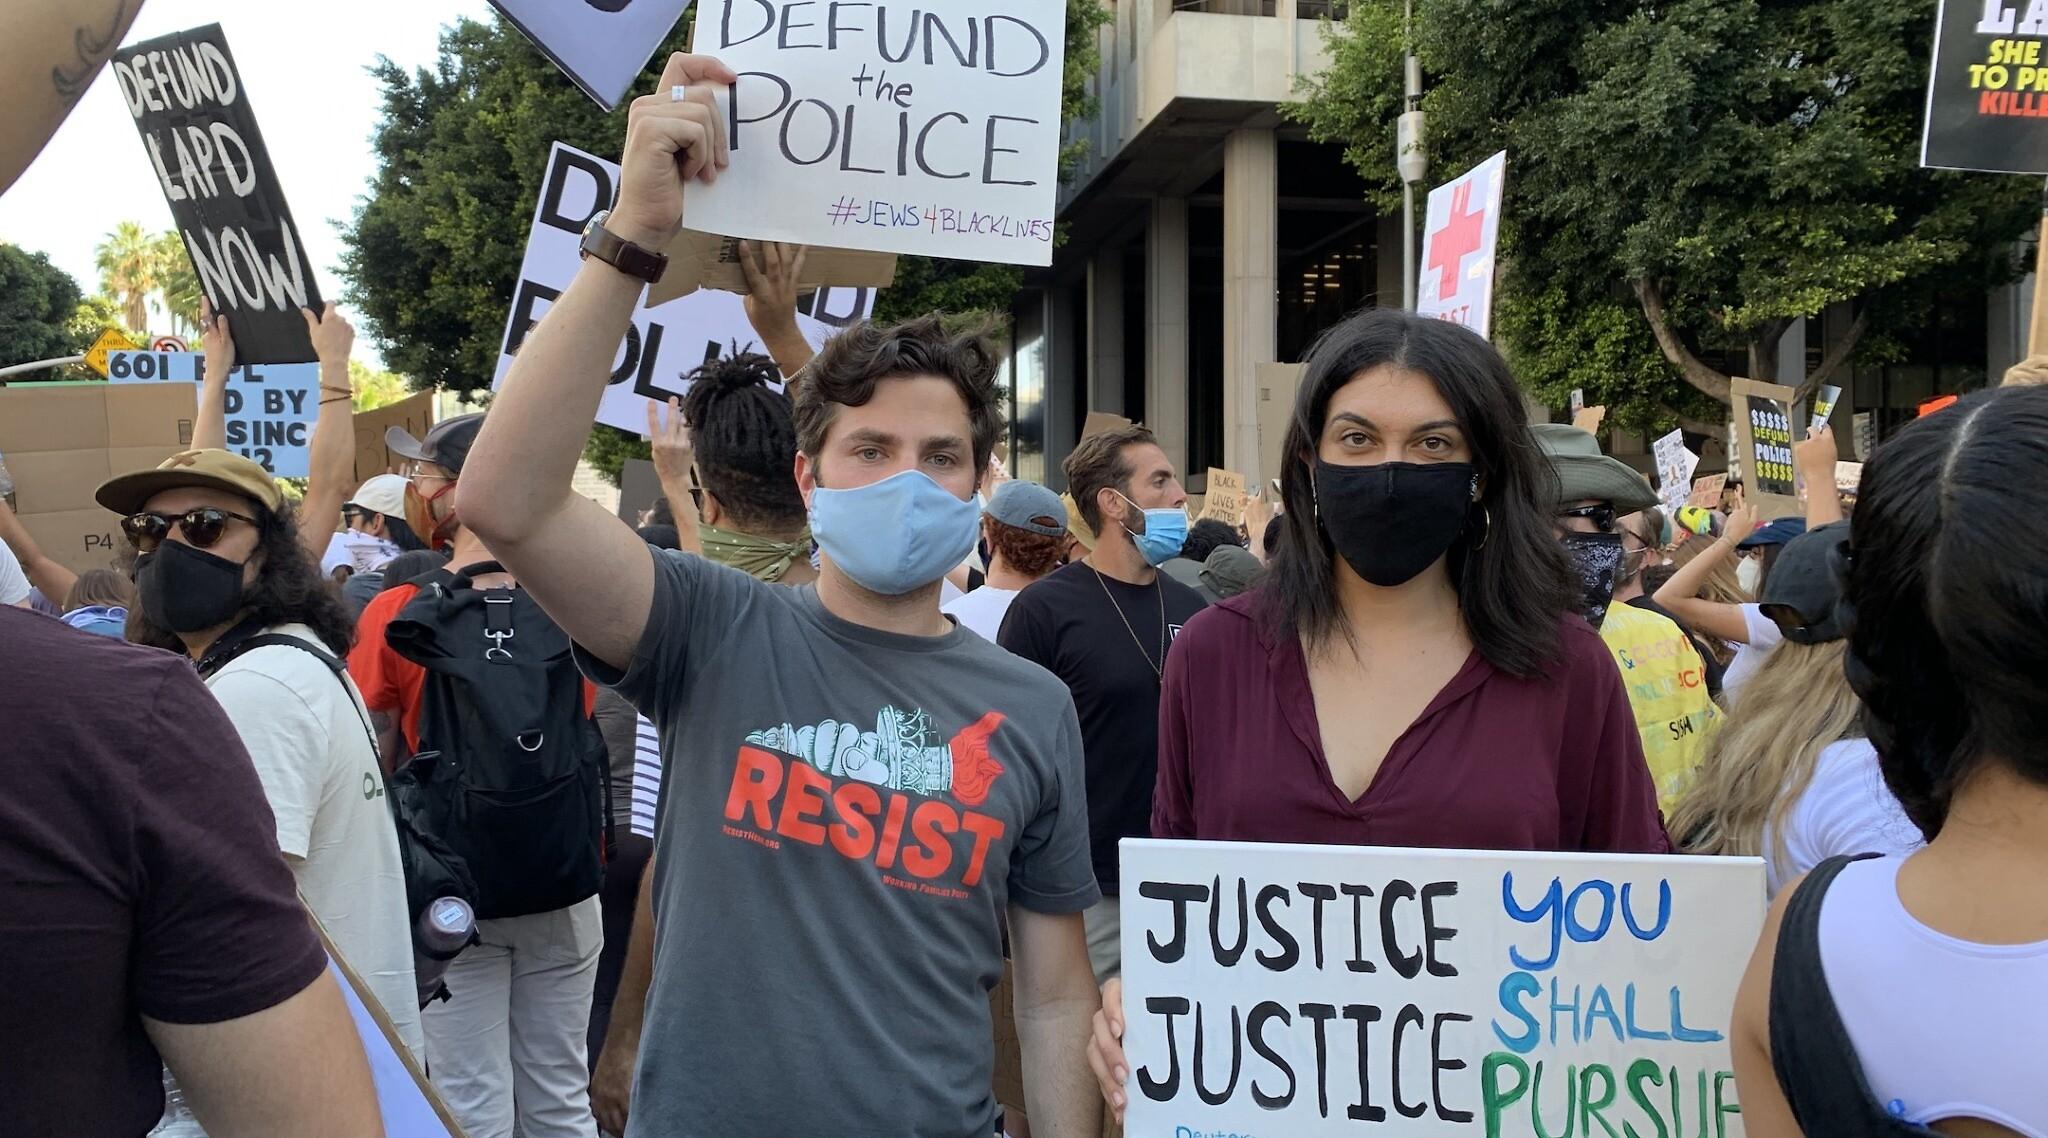 Un manifestant juif tient une pancarte dans le cadre des manifestations pour la justice sociale suite à la mort de George Floyd. (Courtoisie de Sumekh/ via JTA)